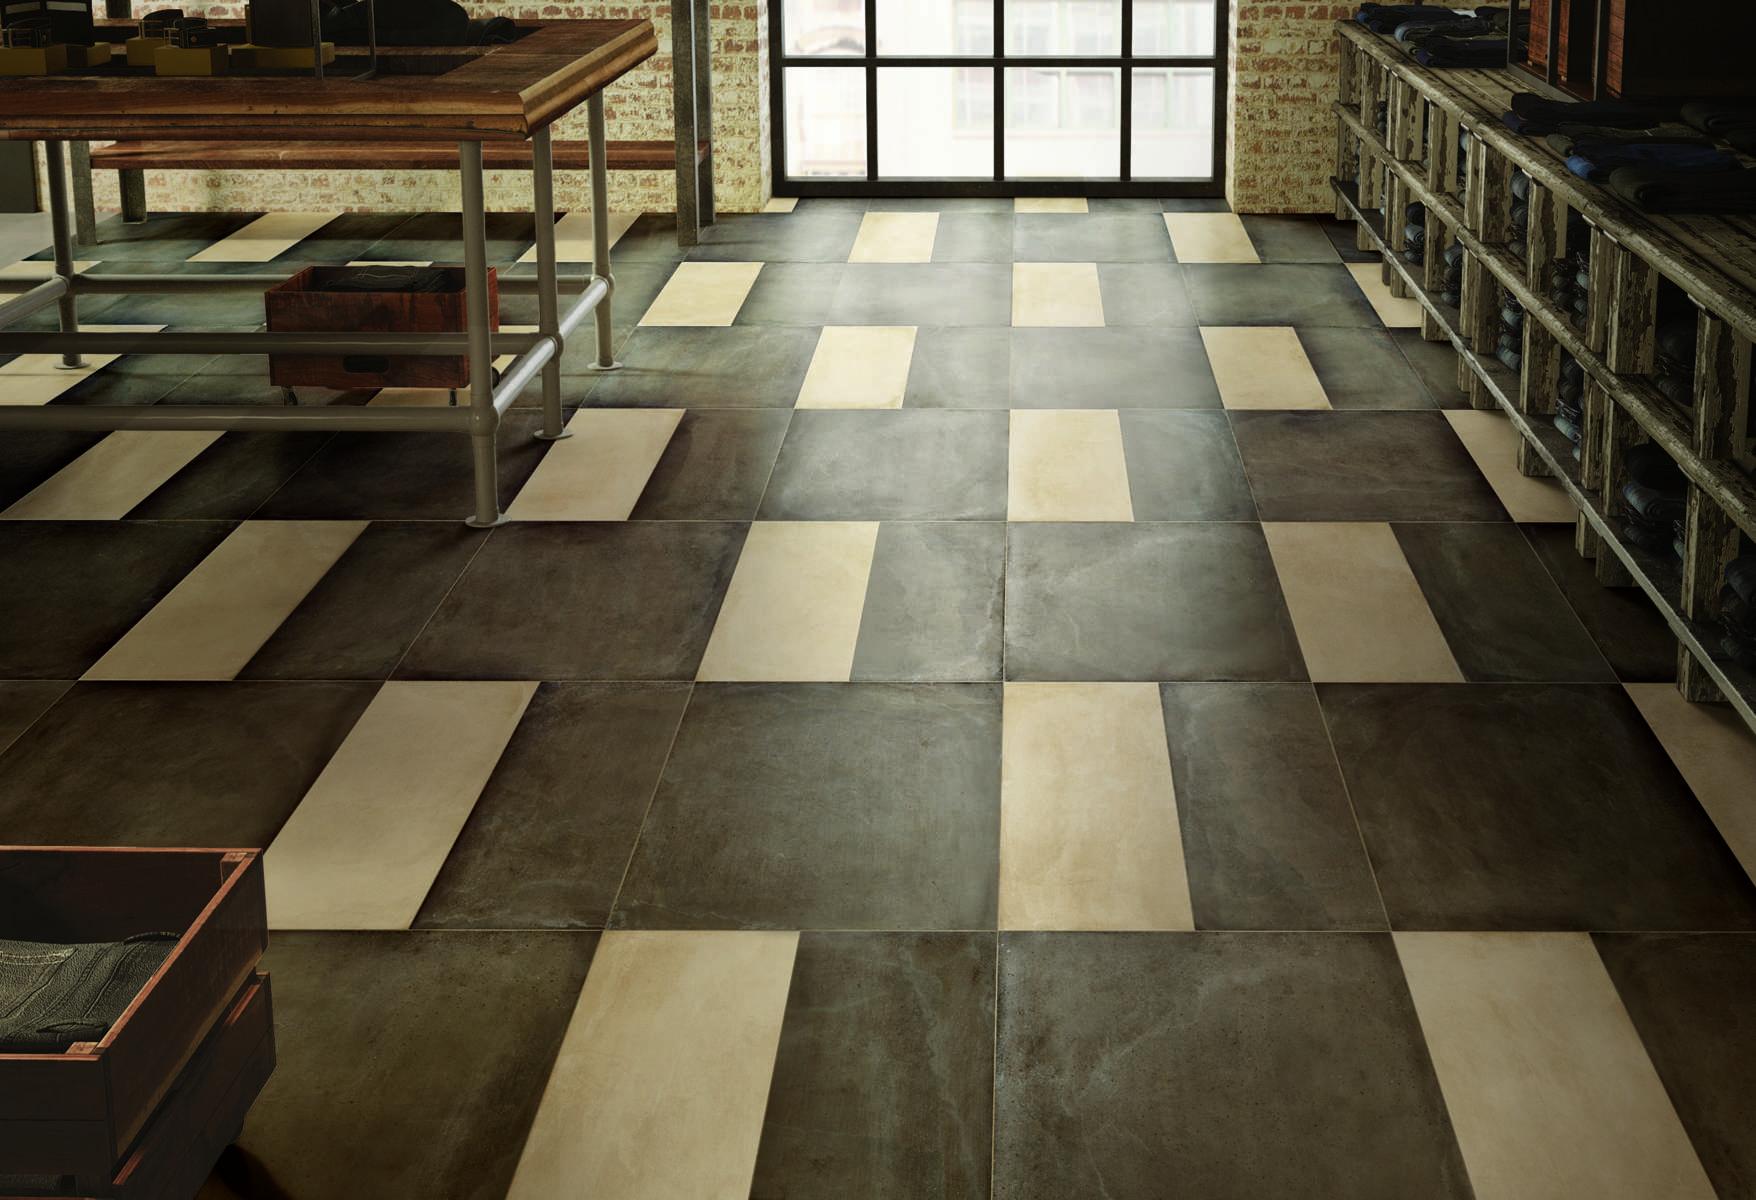 Lát gạch song song cho sàn nhà đẹp (mẫu gạch One Mud và Rope từ Ceramiche Caesar)